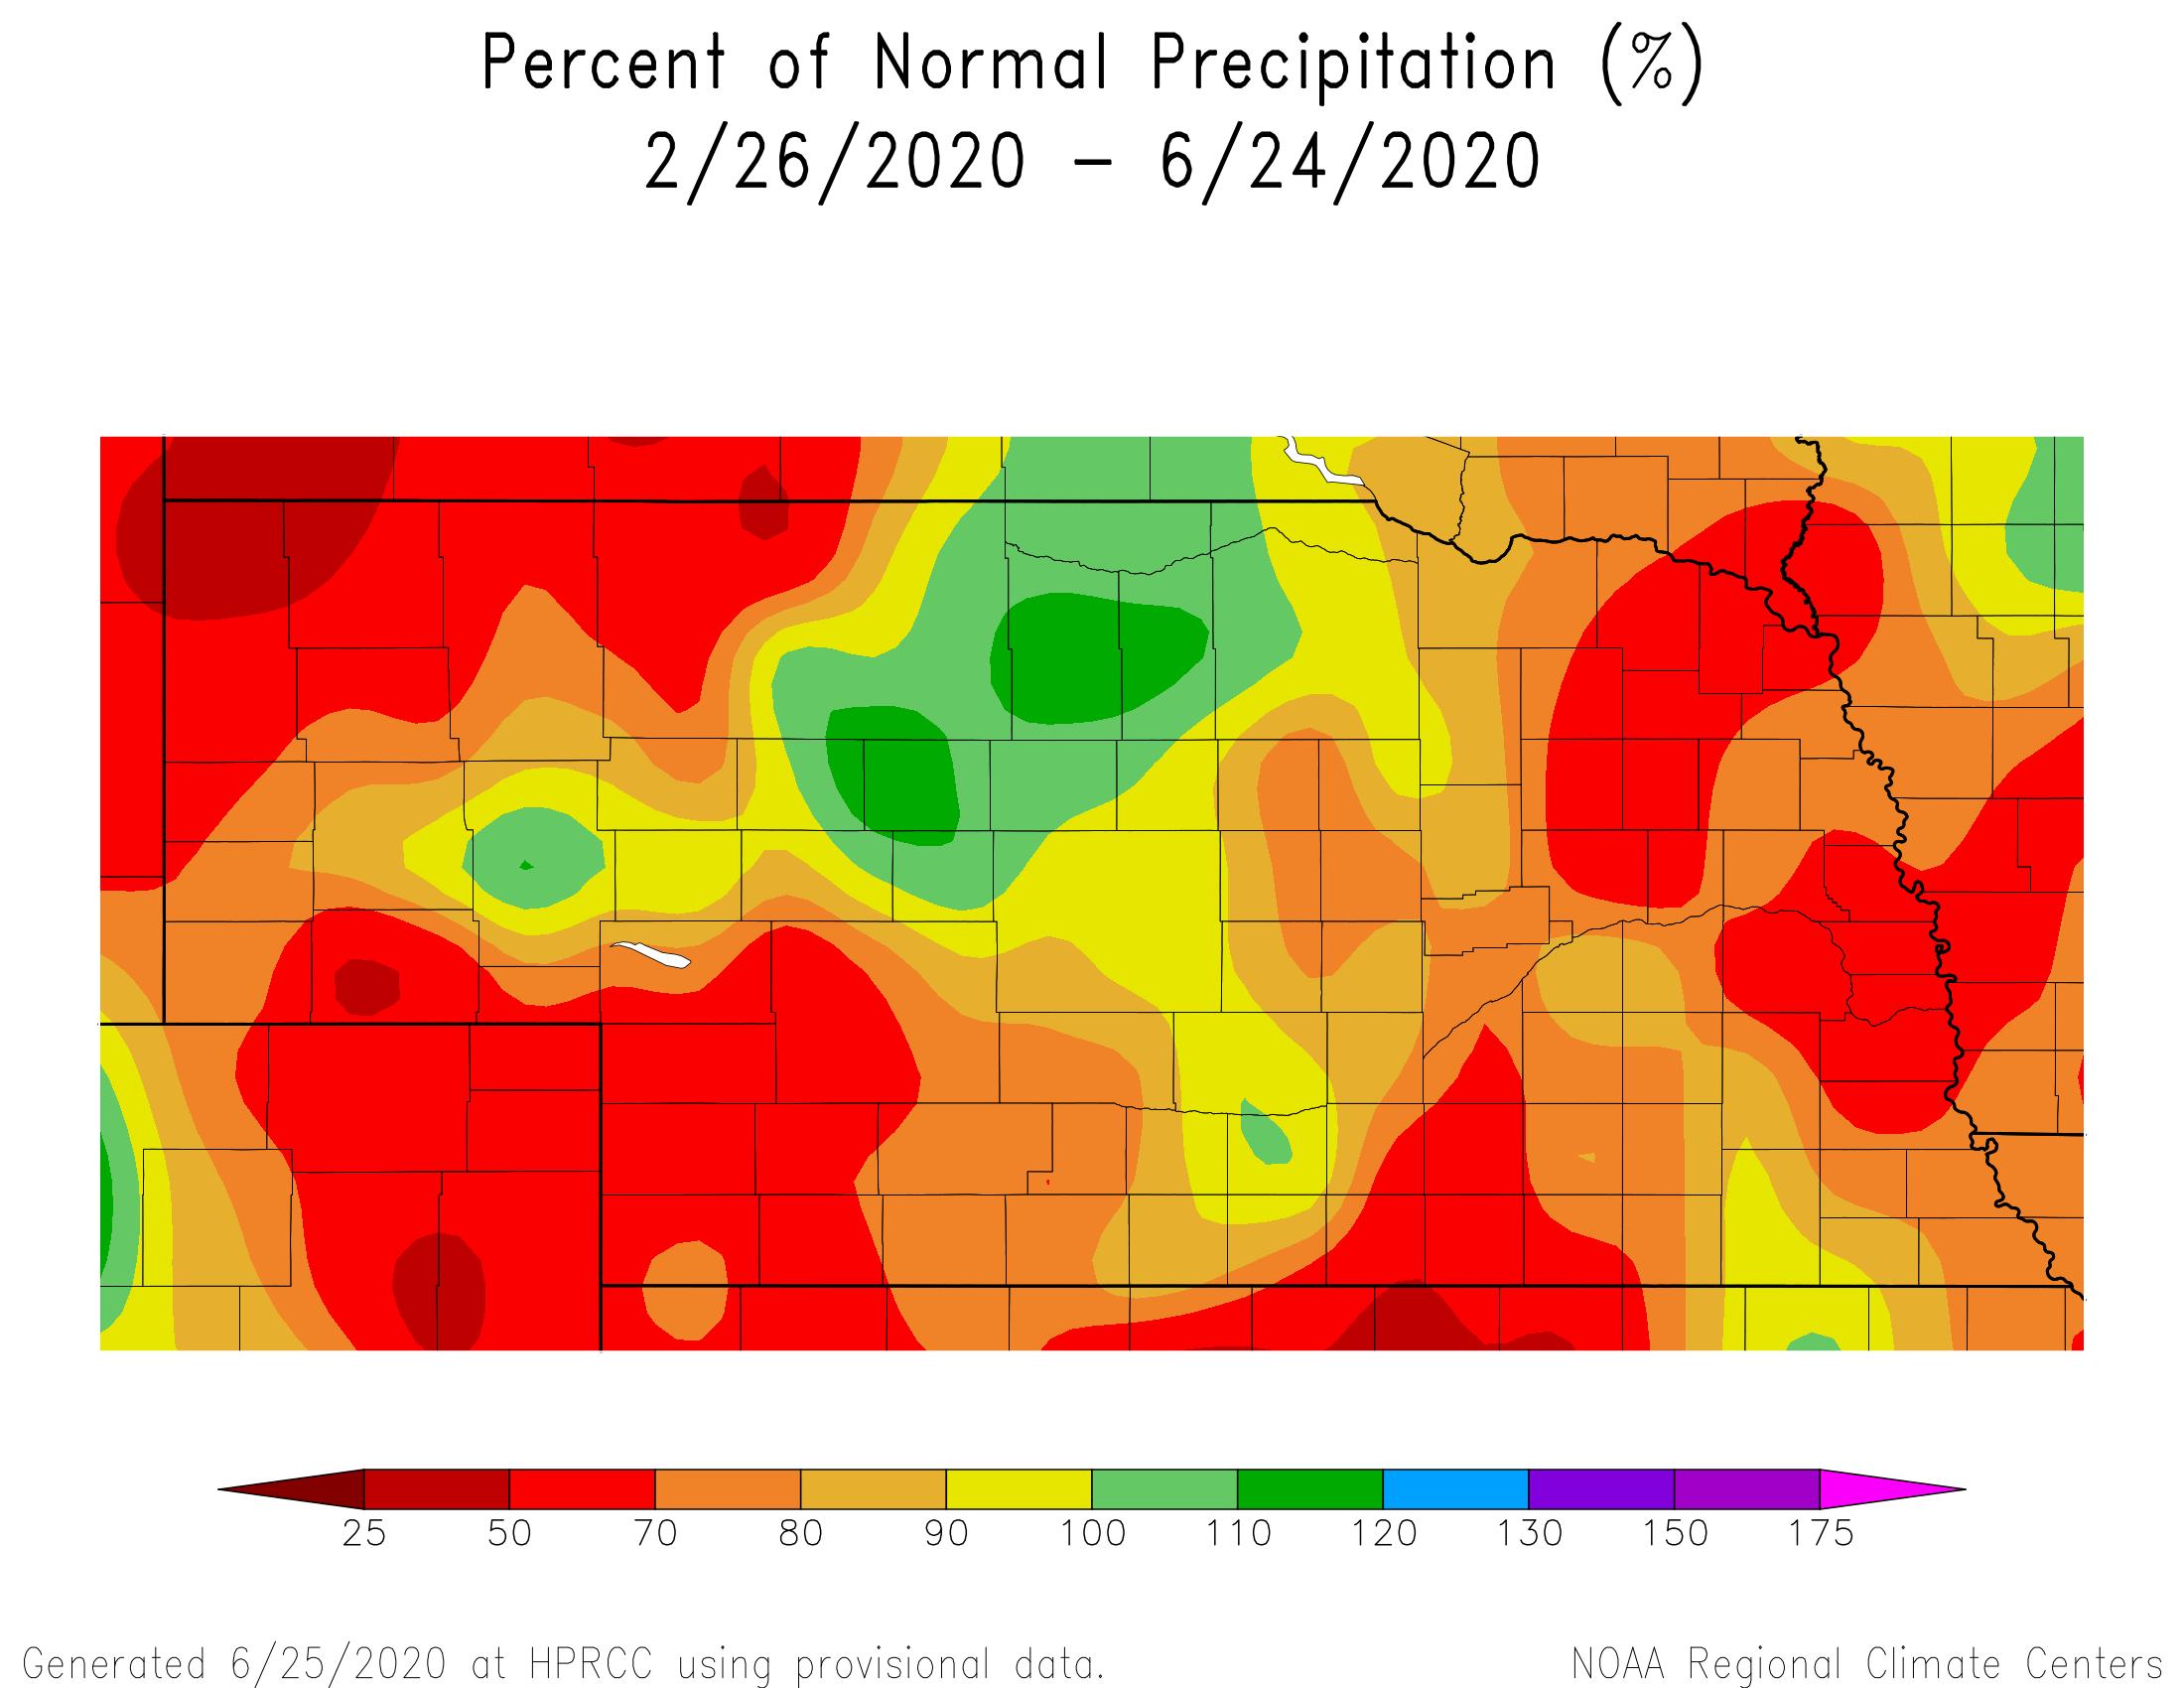 Percent normal precipitation